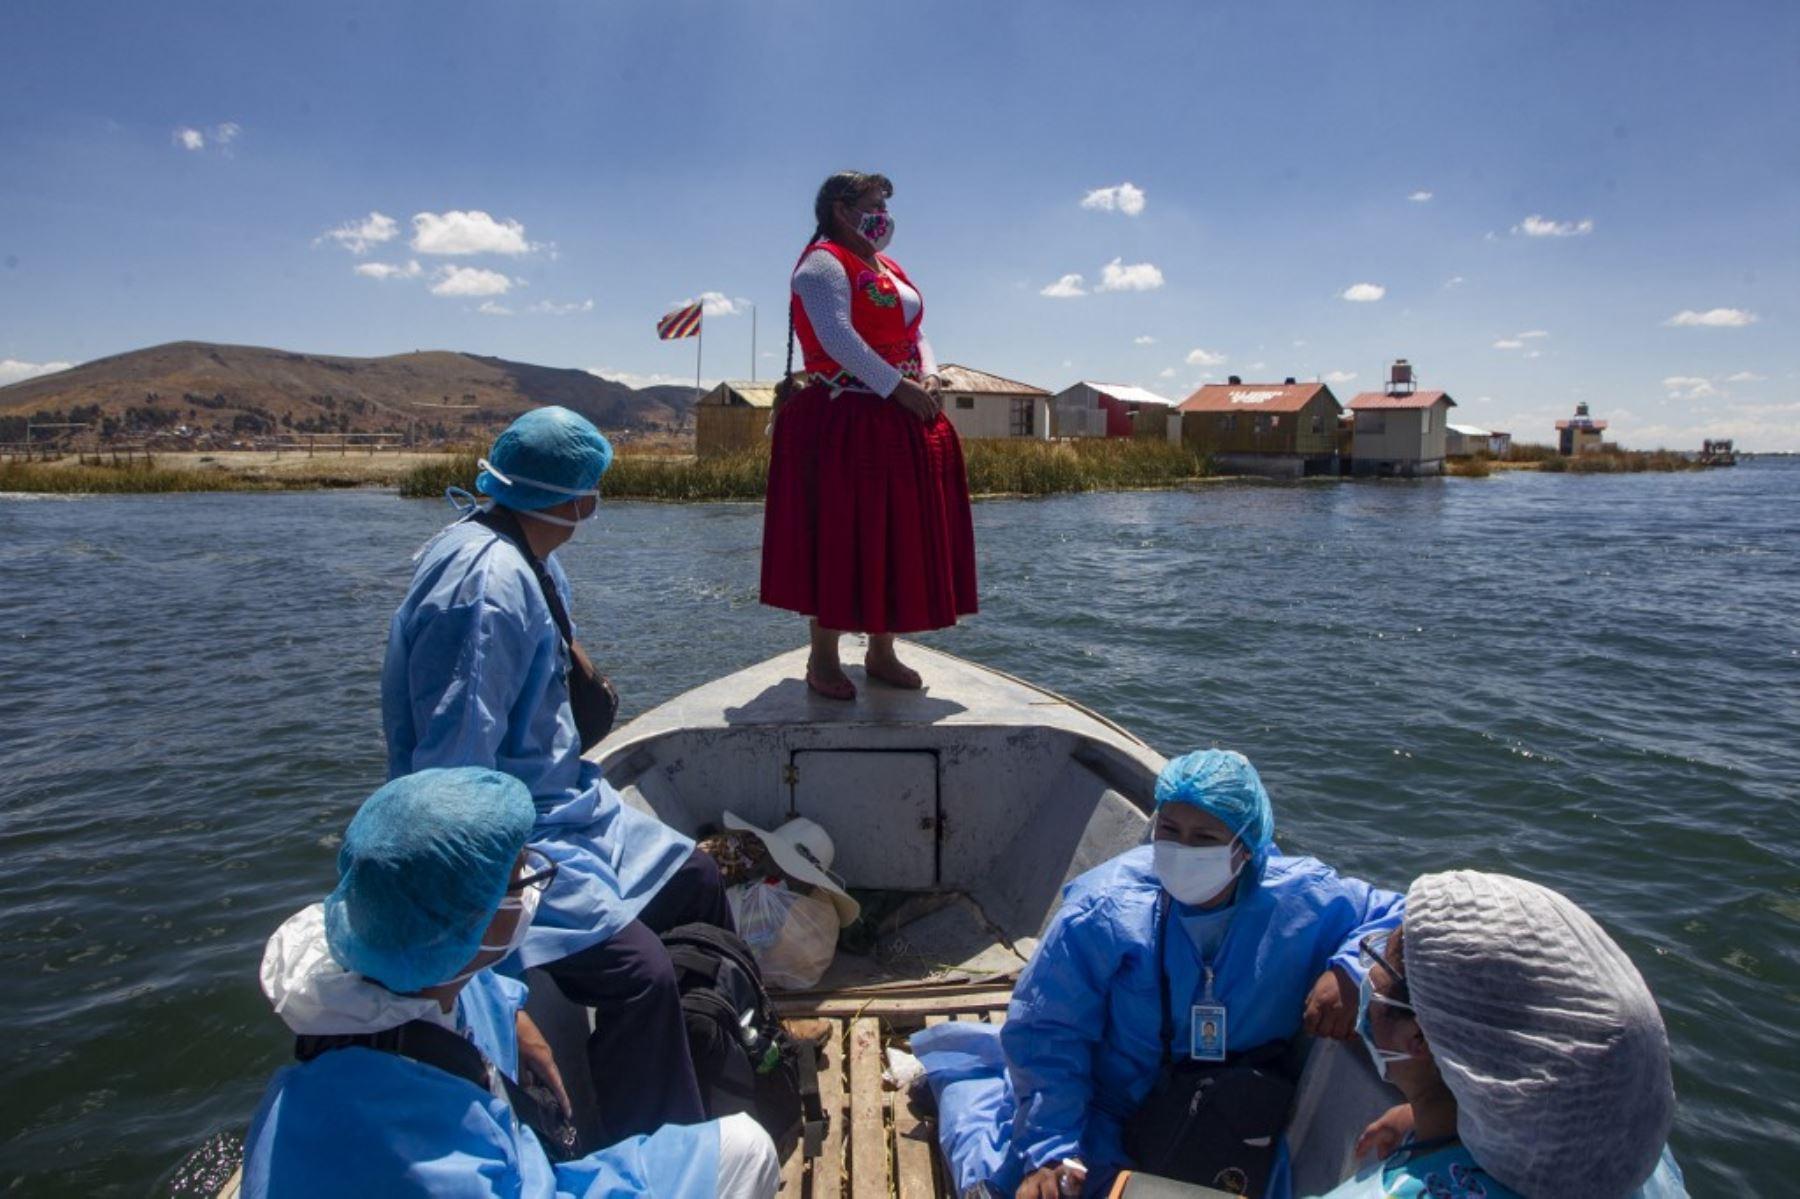 Pobladores de las islas flotantes de Los Uros en el Lago Titicaca, Perú, reciben la vacuna contra la covid-19. Foto: AFP